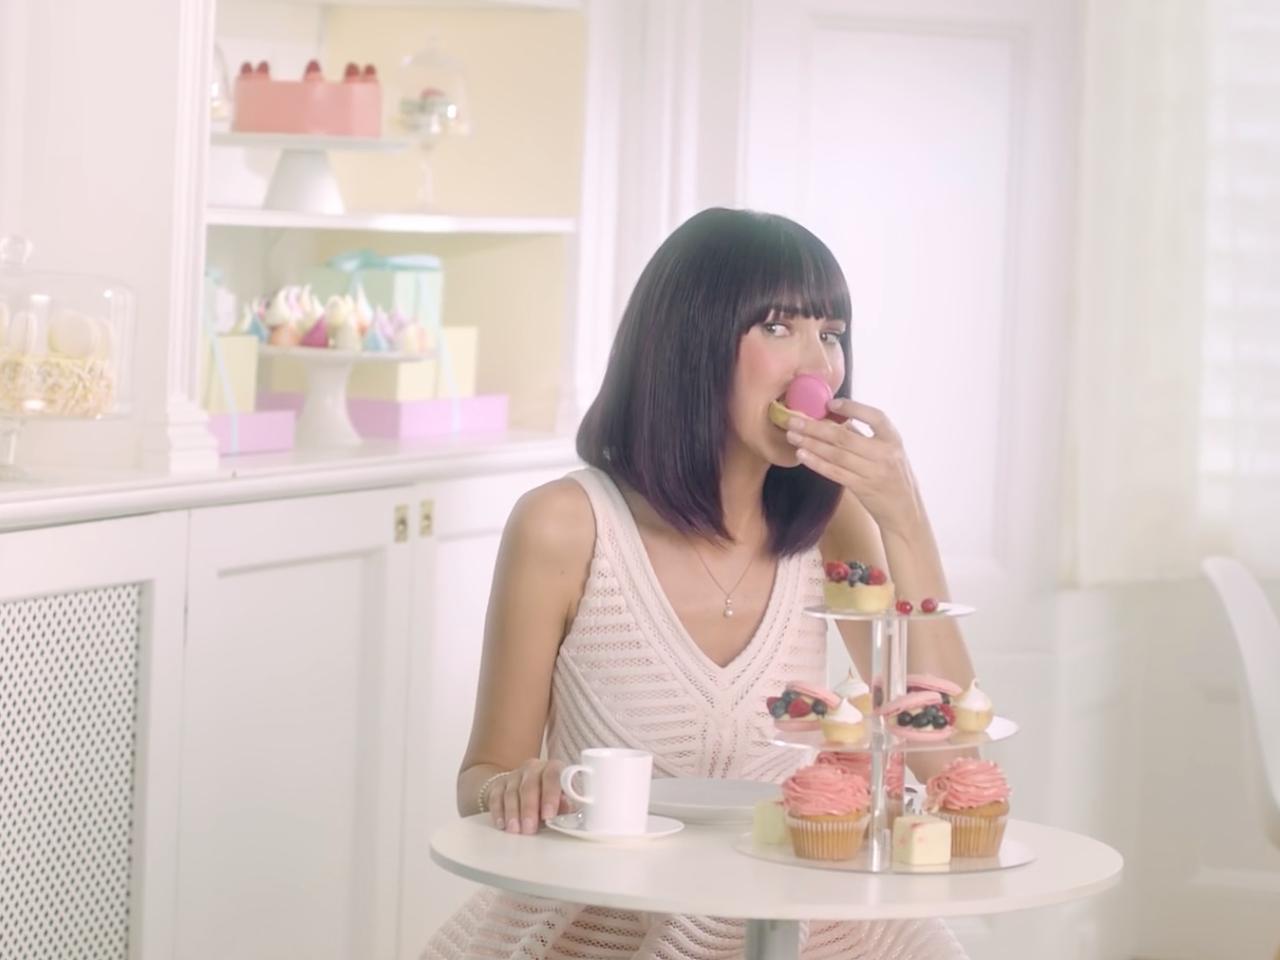 L'Oréal Casting Creme Gloss - Little White Lies